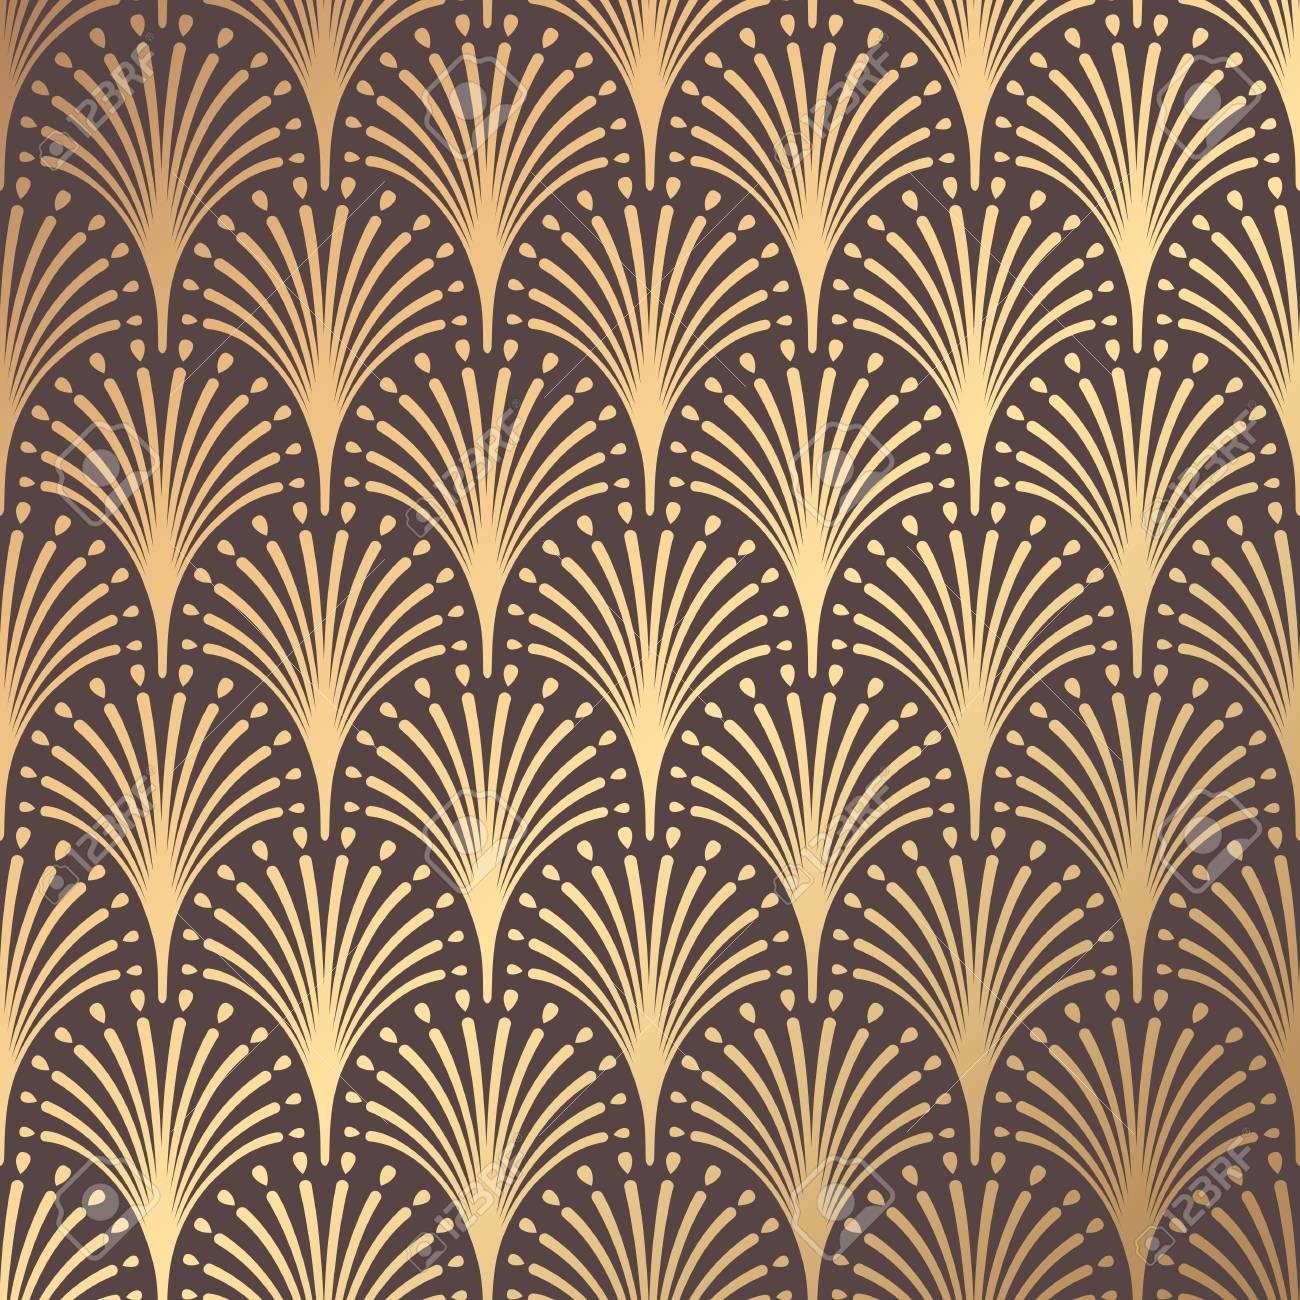 Art Deco Pattern - 96300043